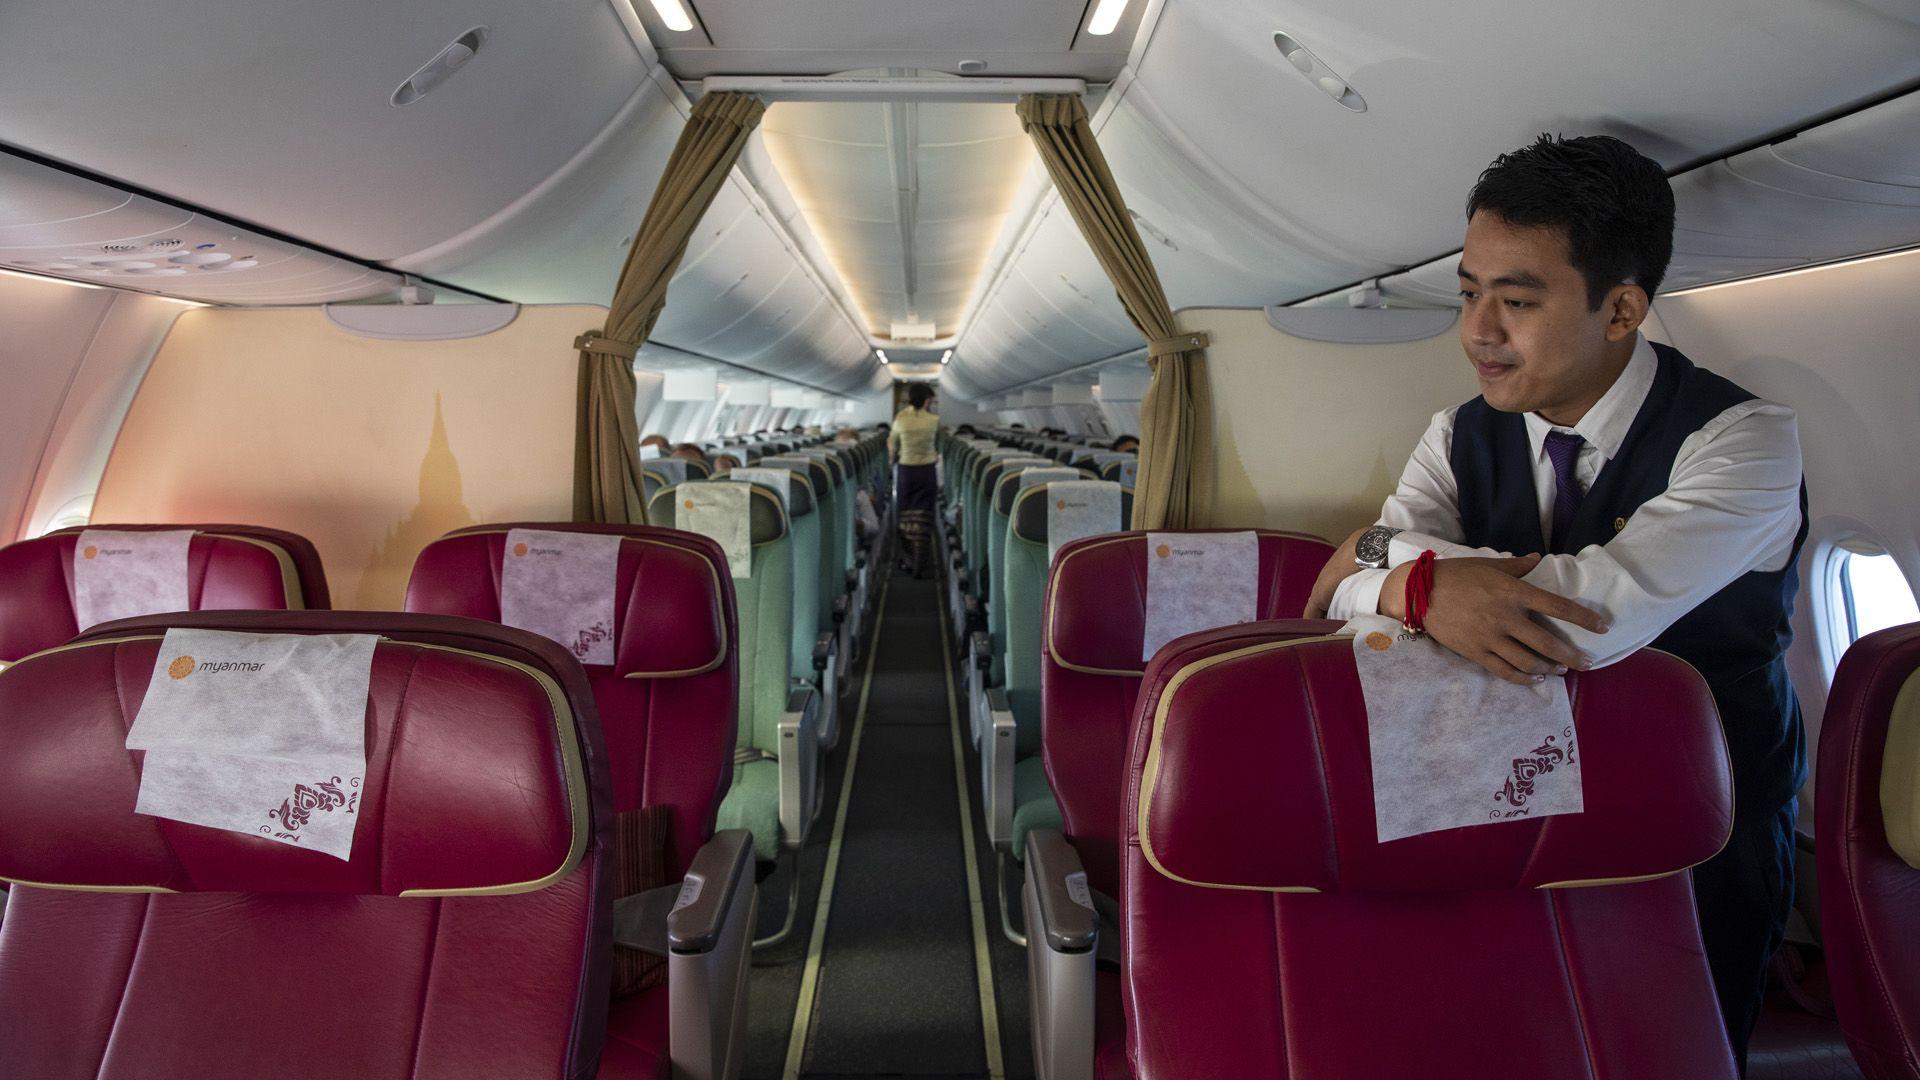 A koronavírus-járvány terjedésének az egyik első áldozatai a légitársaságok